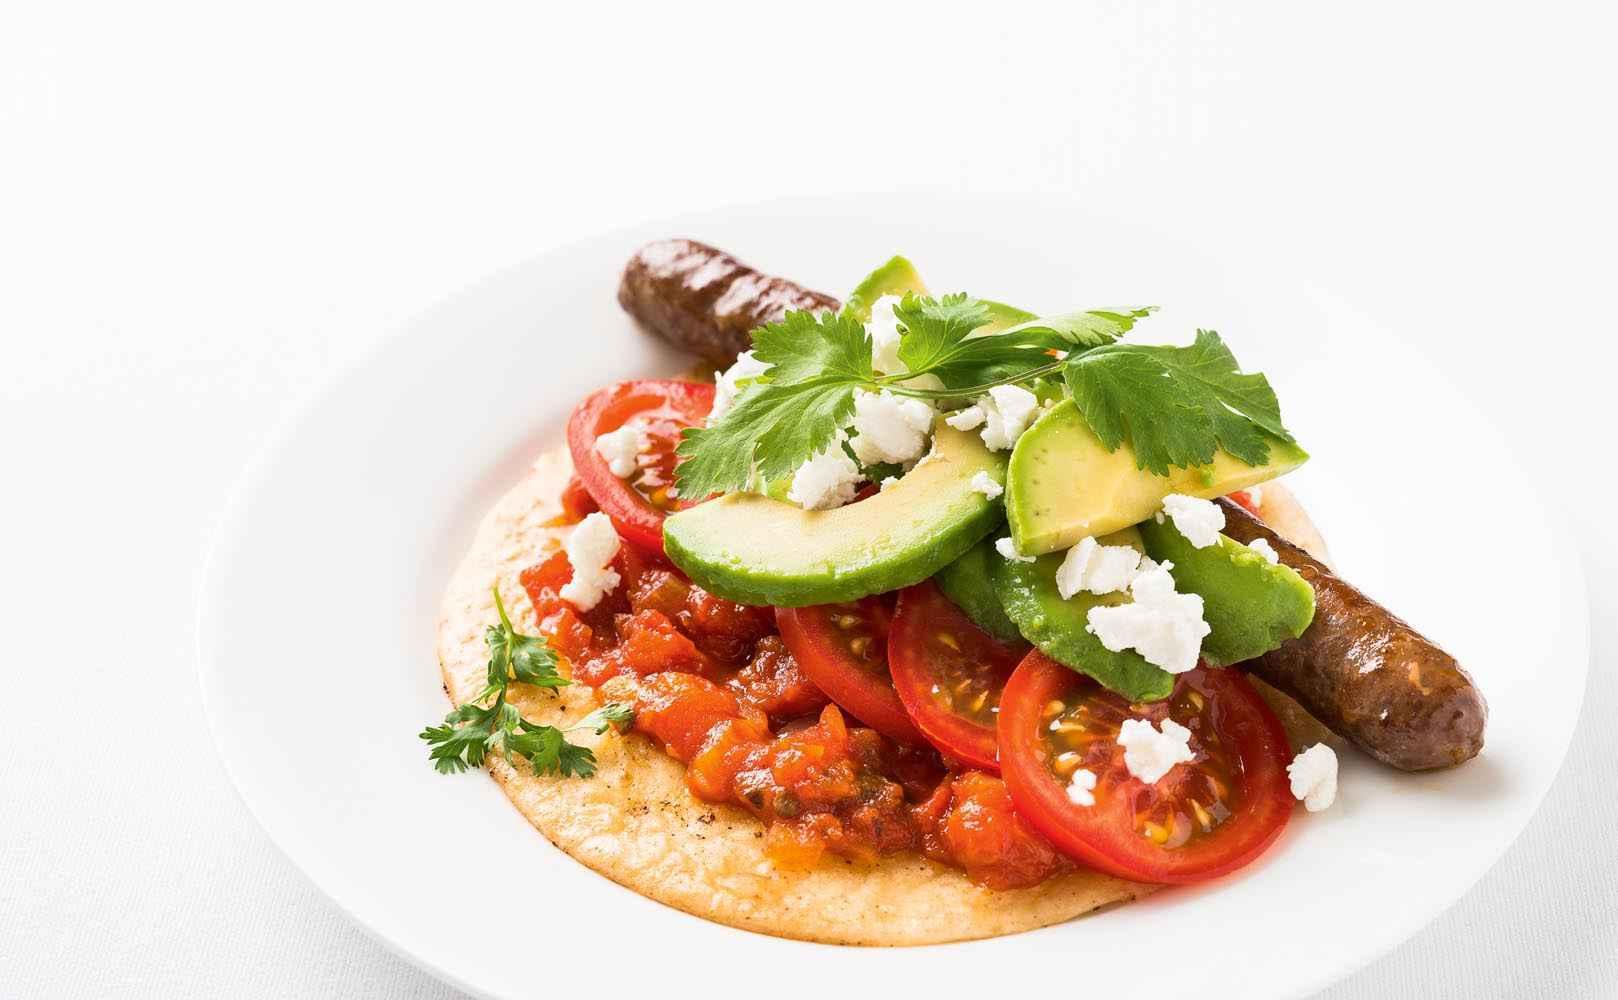 Rezept für Taco mit Chipotle-Tomatensalsa, Merguez und Ziegenfrischkäse